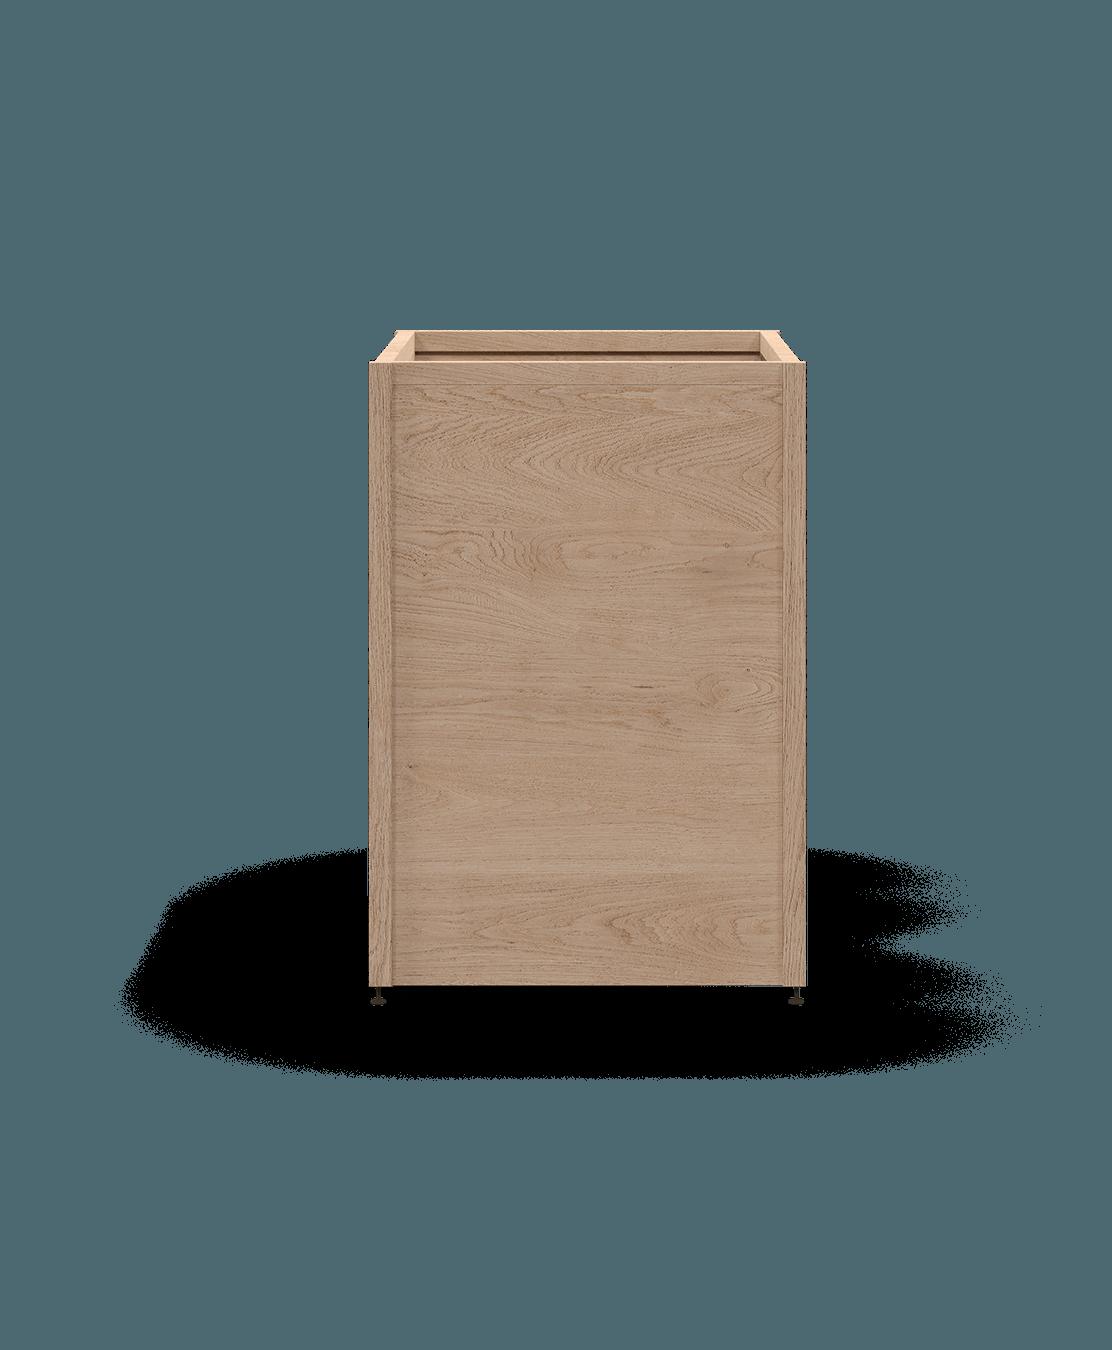 ensemble pour armoire de cuisine modulaire pour electromenagers encastrables en bois massif coquo radix chêne blanc 26,5 pouces C1-A-24TB-0000-NA